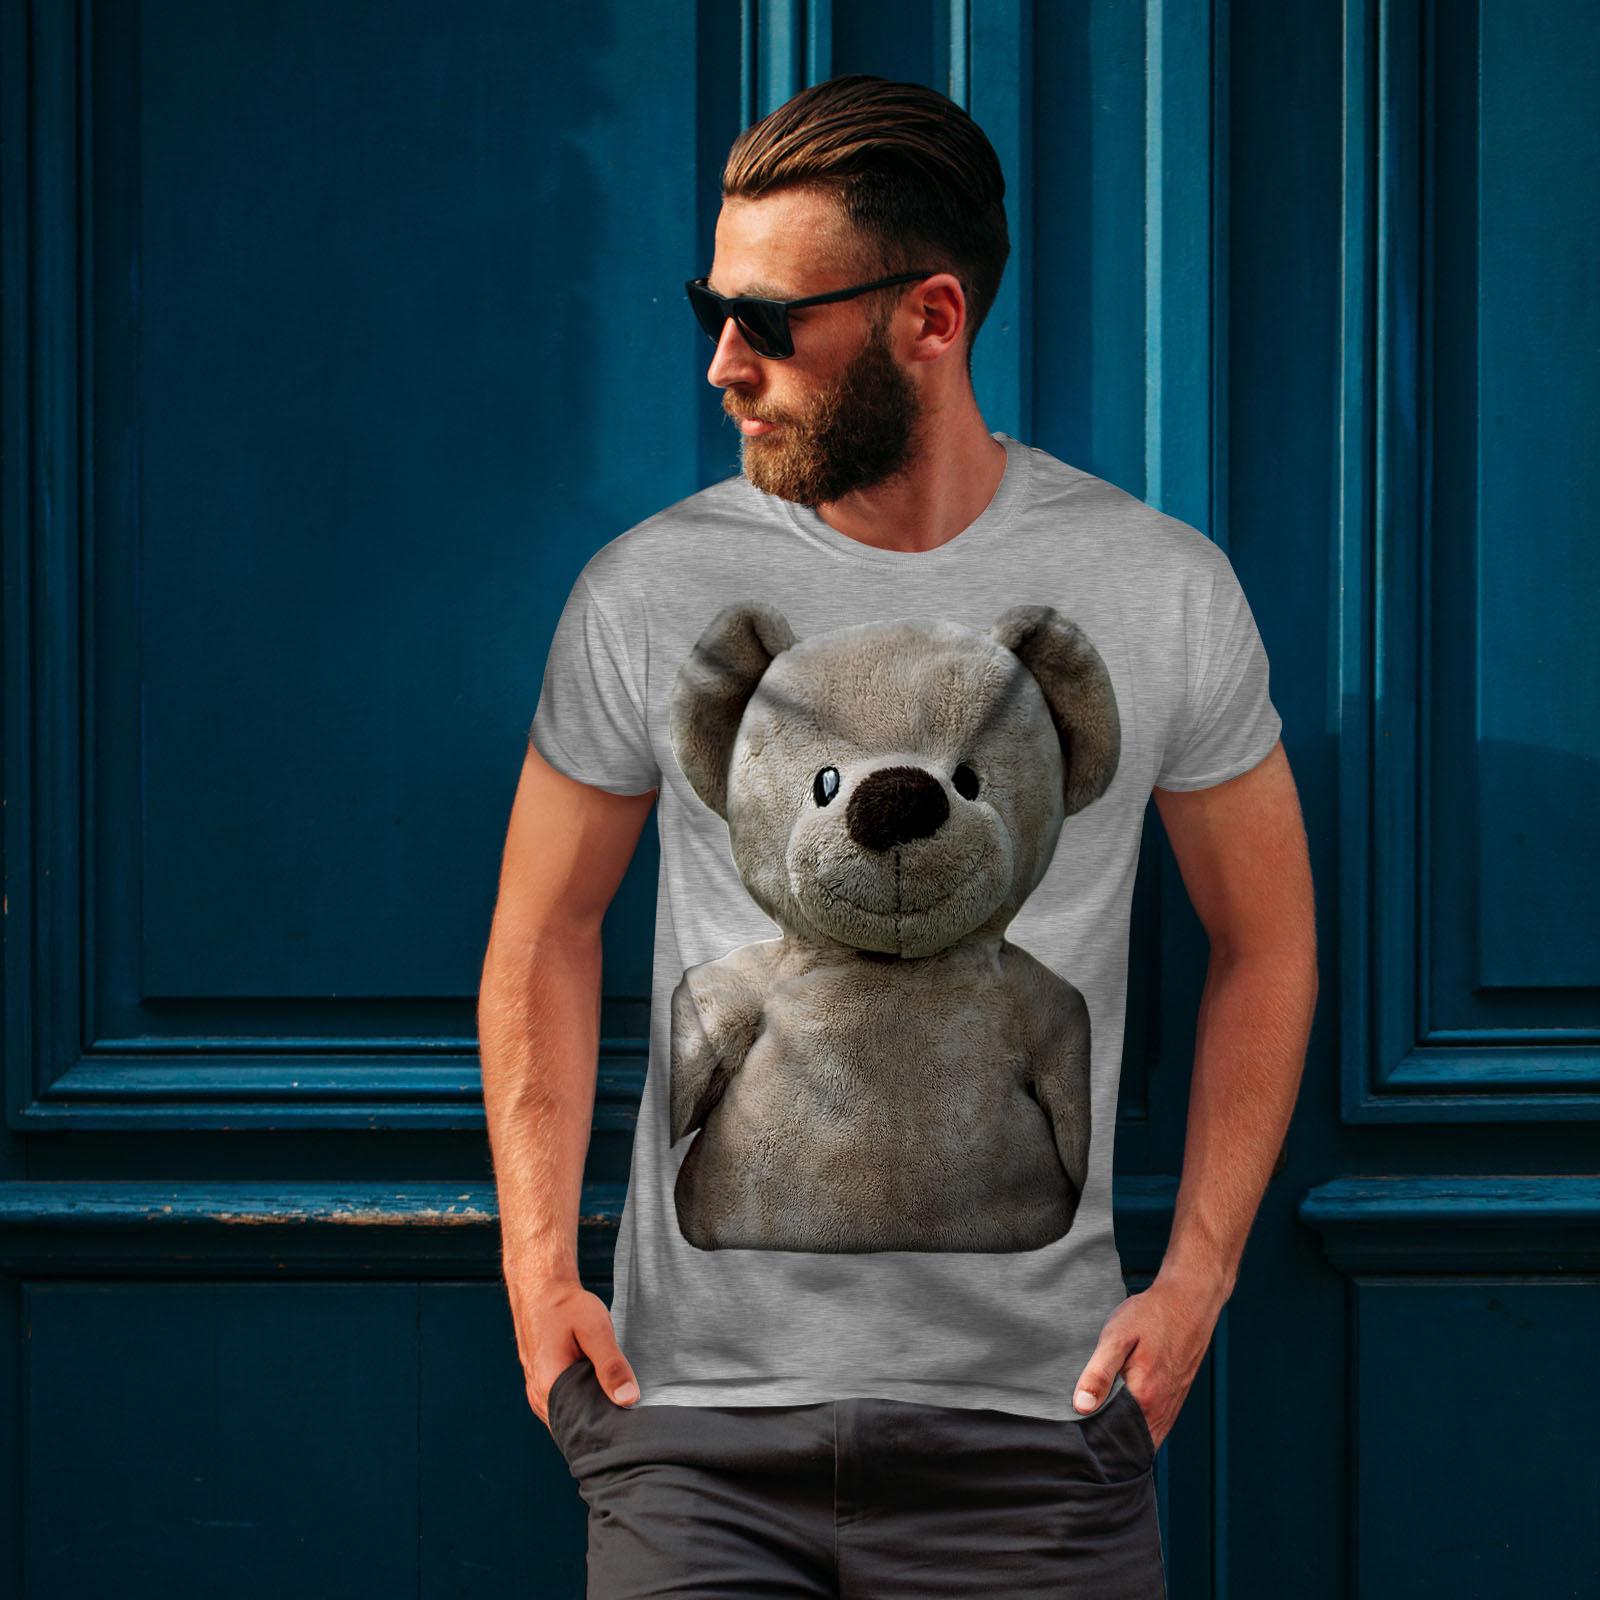 miniature 16 - Wellcoda Cute Plush Mens T-shirt, Teddy Bear Graphic Design Printed Tee